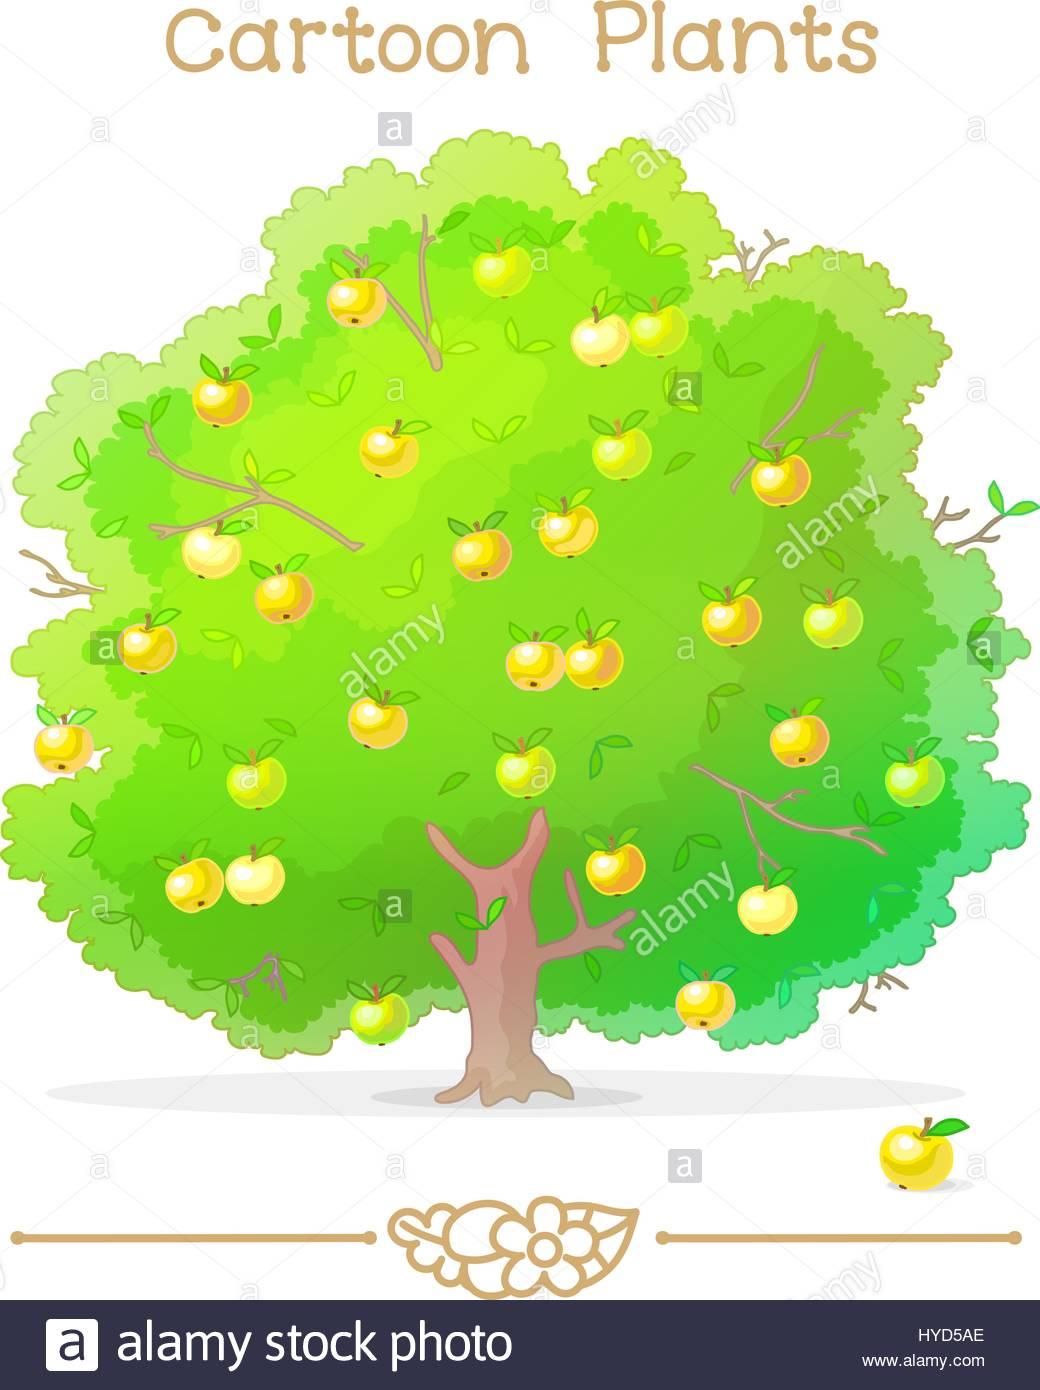 plantae series cartoon plants apple tree full of apples stock